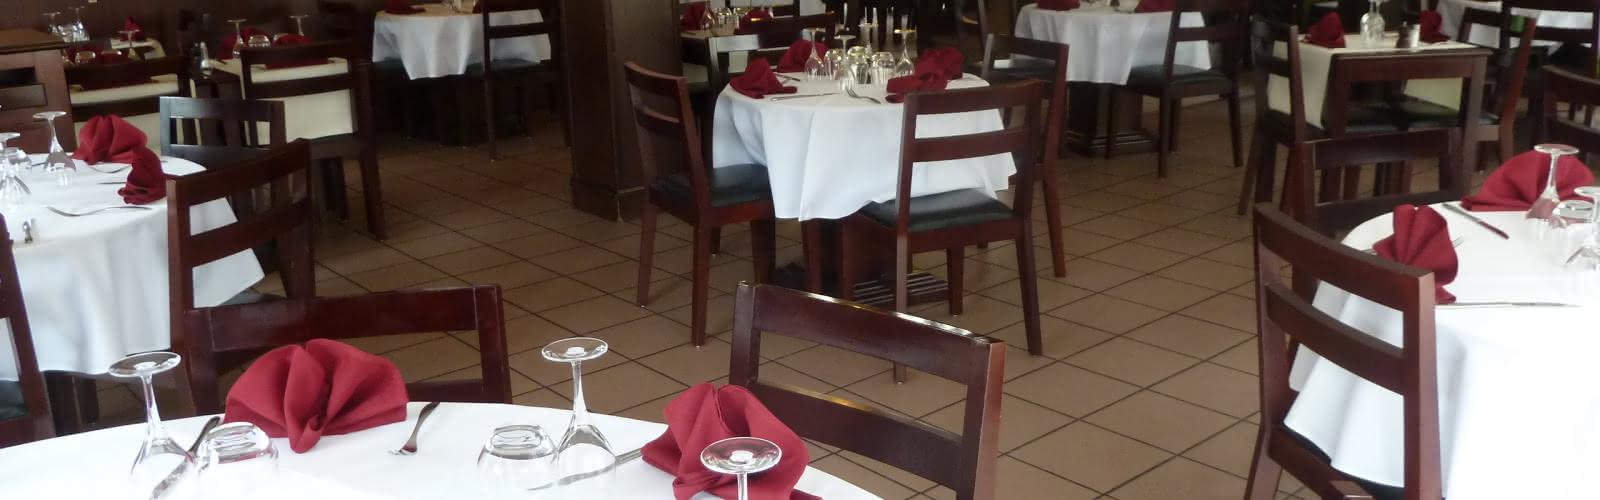 Brasserie du Terroir